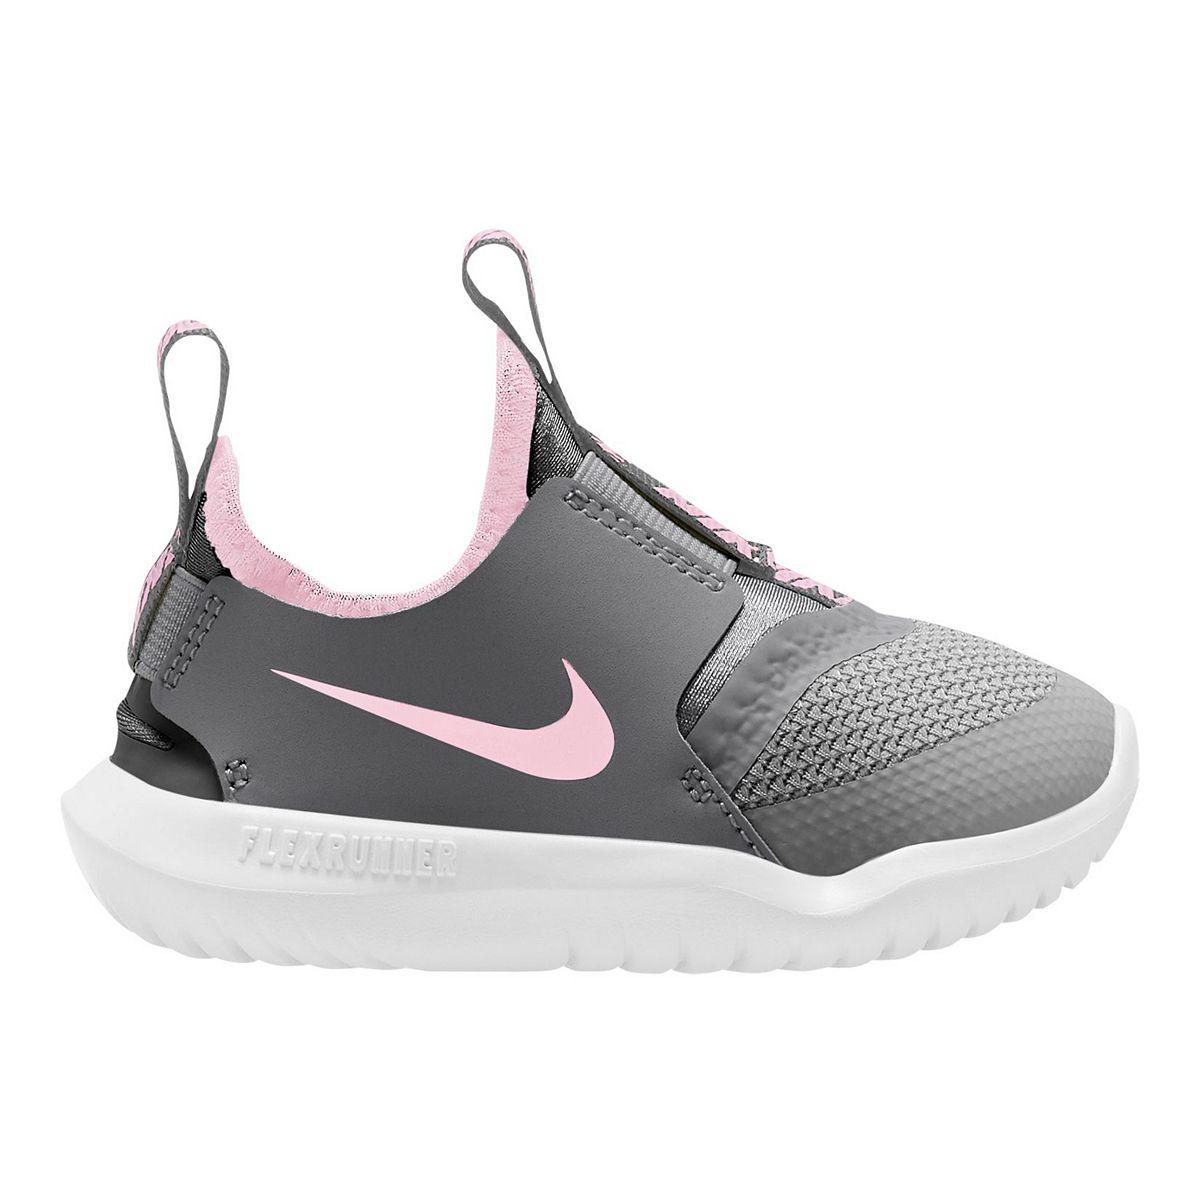 .00 Nike Flex Runner Toddler Sneakers at kohl's!